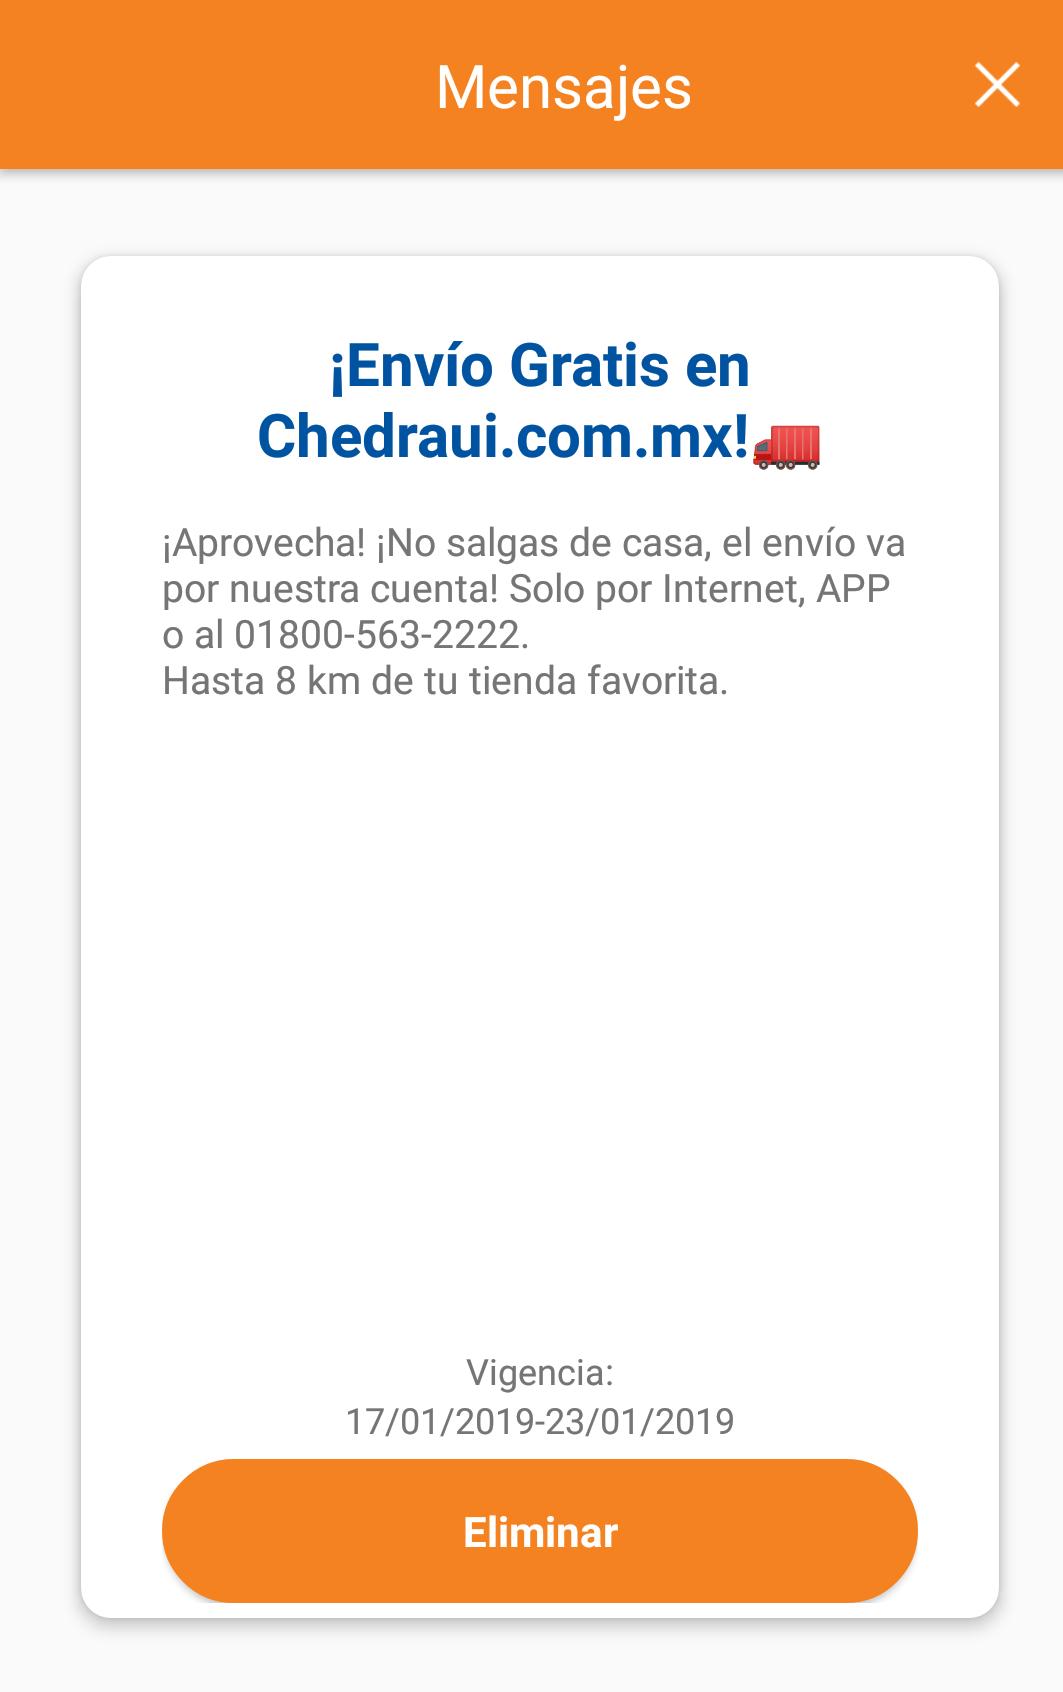 Chedraui en Línea: Envío Gratuito Solo en Línea, App o Línea Telefónica Válido al 23 Enero 2019